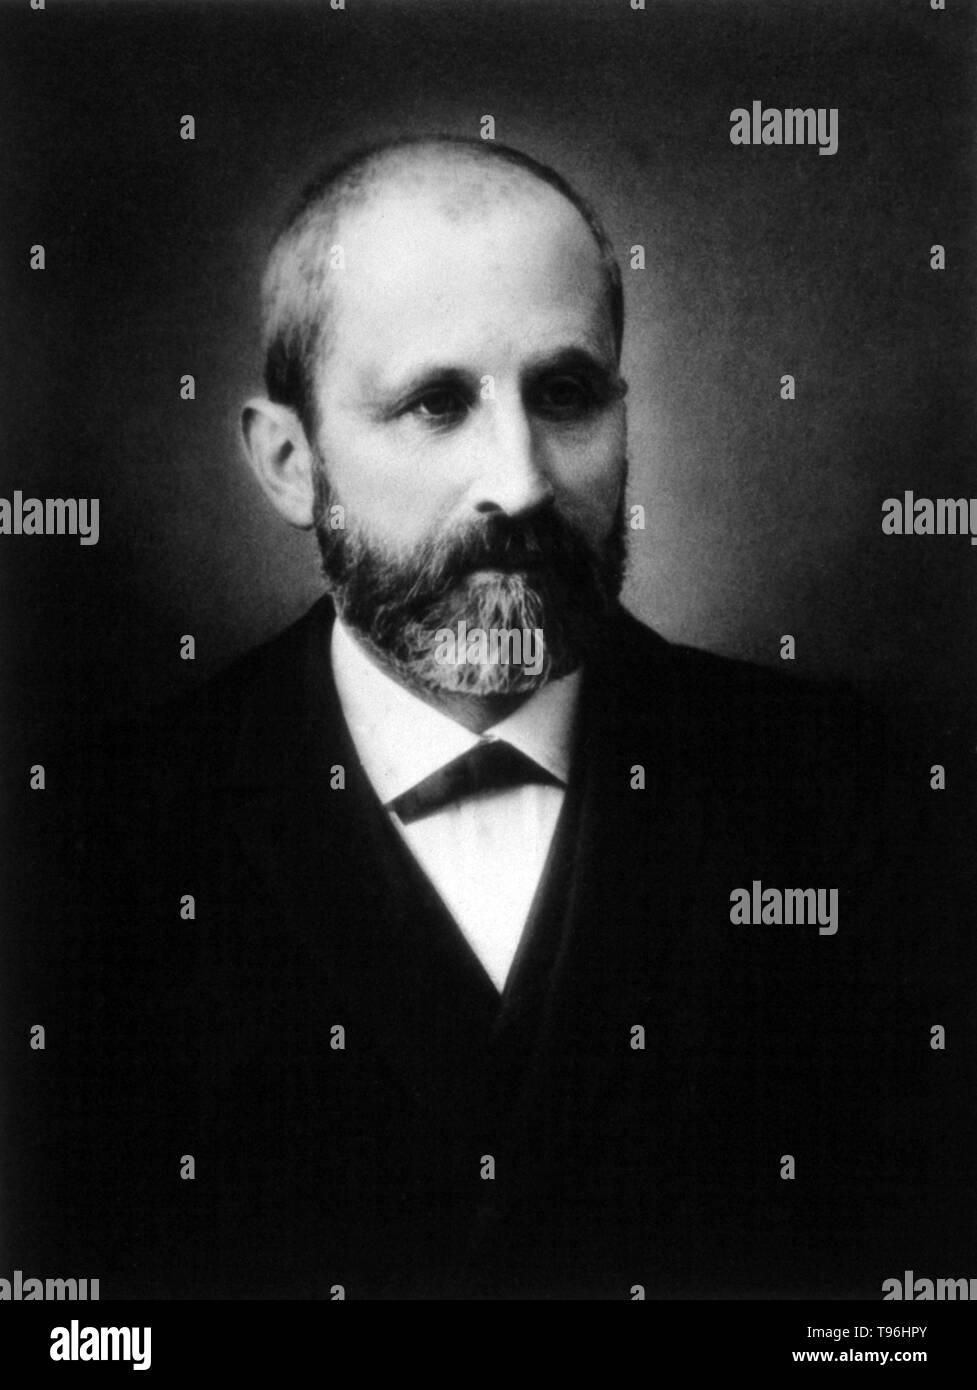 Johannes Friedrich Miescher (13 agosto 1844 - 26 agosto 1895) era un medico svizzero e biologo. Miescher isolato diversi fosfato-ricca di sostanze chimiche, che egli chiama nuclein (ora gli acidi nucleici), a partire dai nuclei di cellule bianche del sangue nel 1869, spianando la strada per l'identificazione del DNA come il vettore di eredità. La rilevanza della scoperta, pubblicato per la prima volta nel 1871, non era stato in un primo momento apparente e fu Albrecht Kossel che hanno reso le prime indagini nella sua struttura chimica. Più tardi, Friedrich Miescher sollevato l idea che gli acidi nucleici possono essere coinvolti in eredità. Egli è anche Immagini Stock